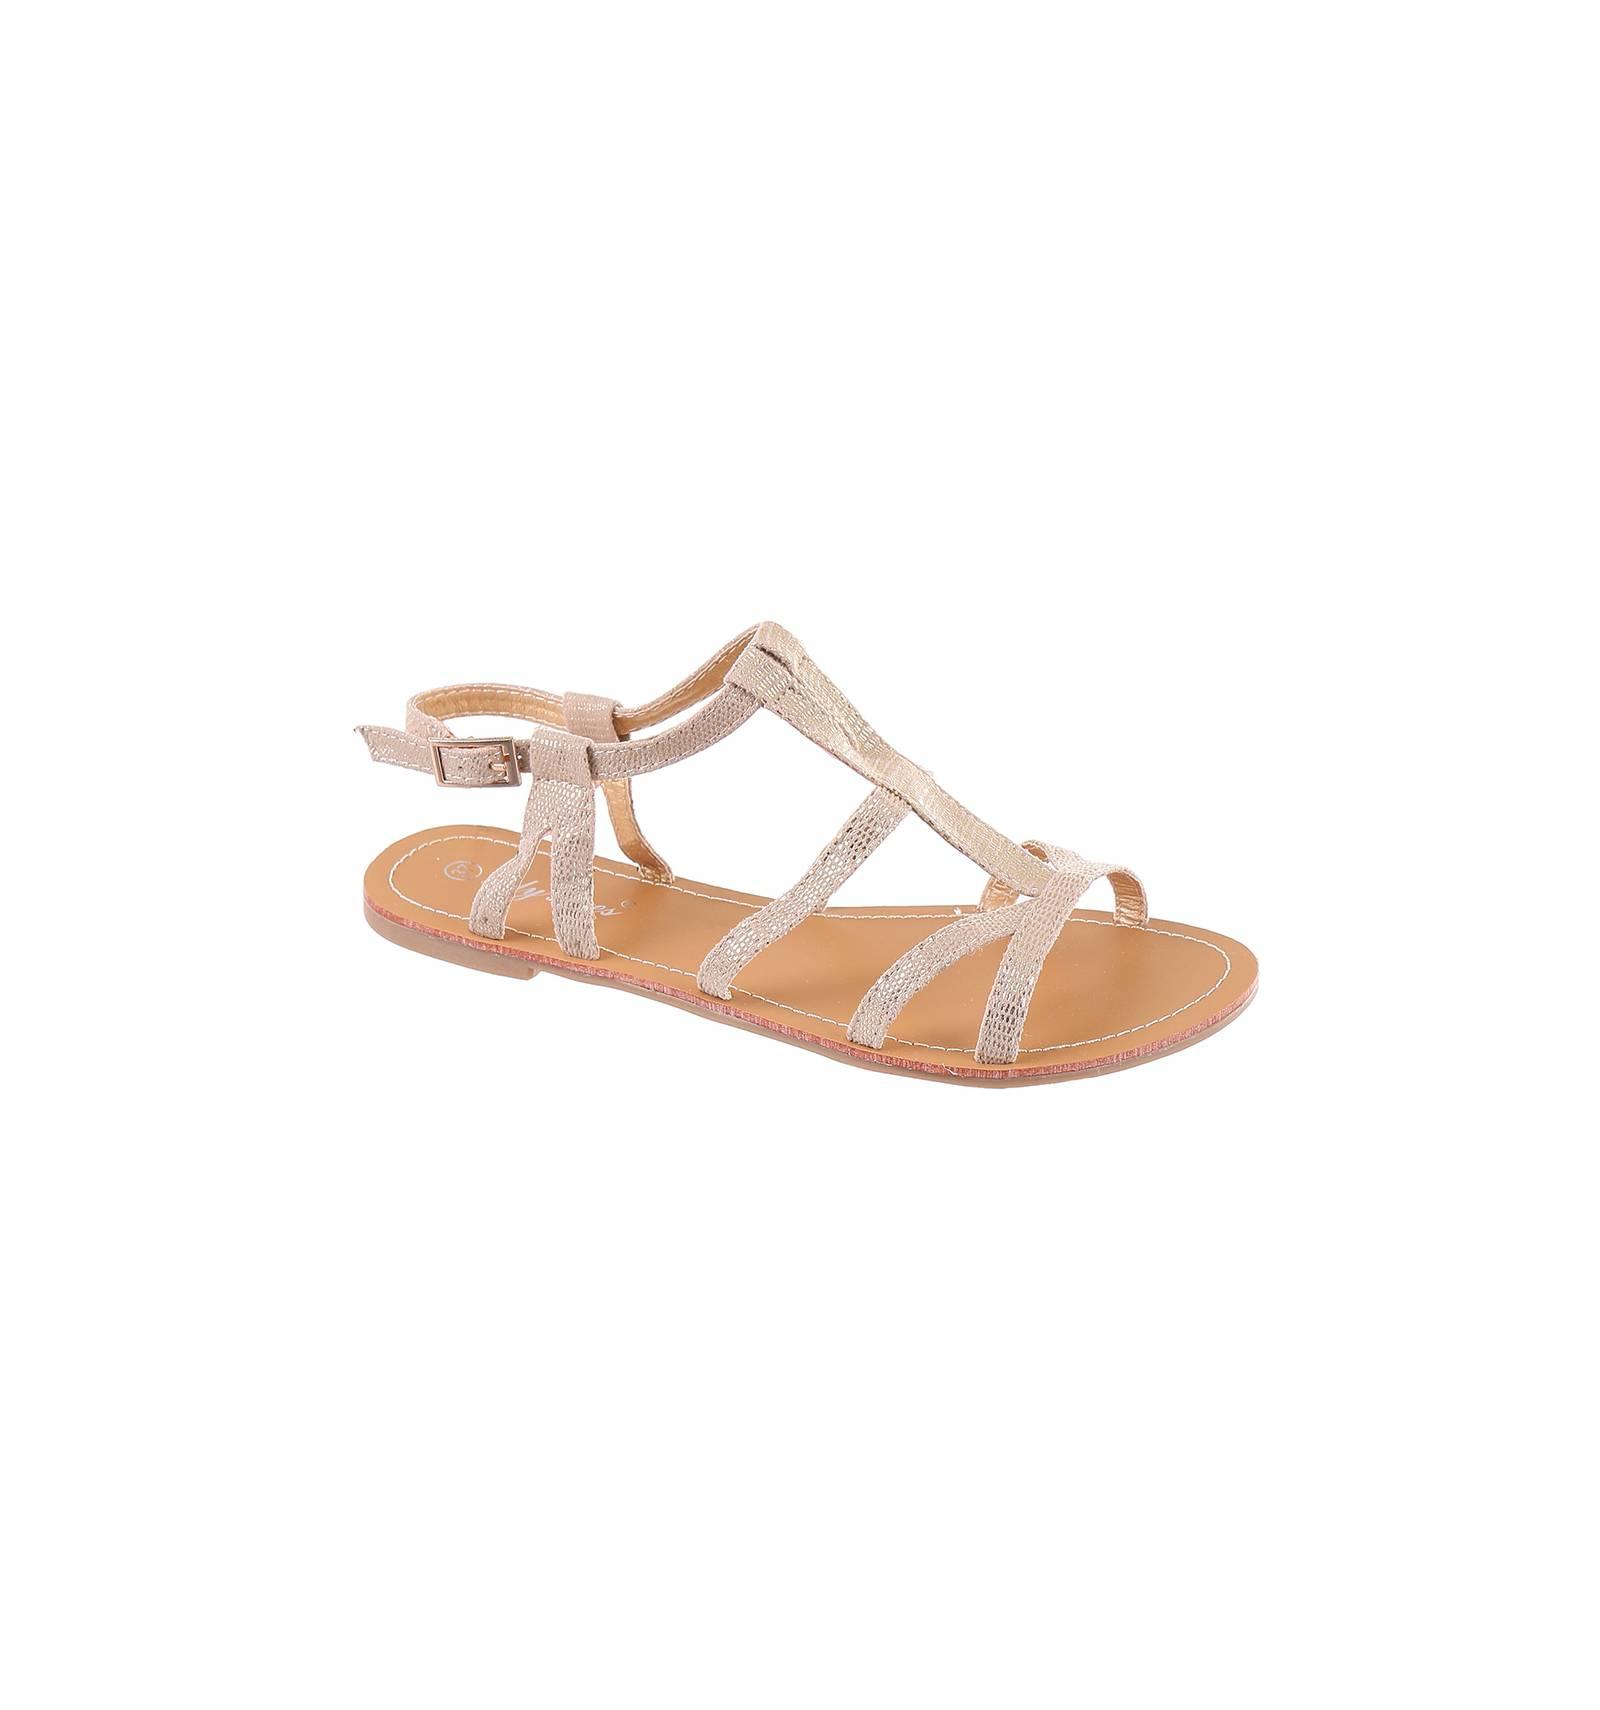 sandale plate simili cuir doré avec fermeture à boucle cuir modèle